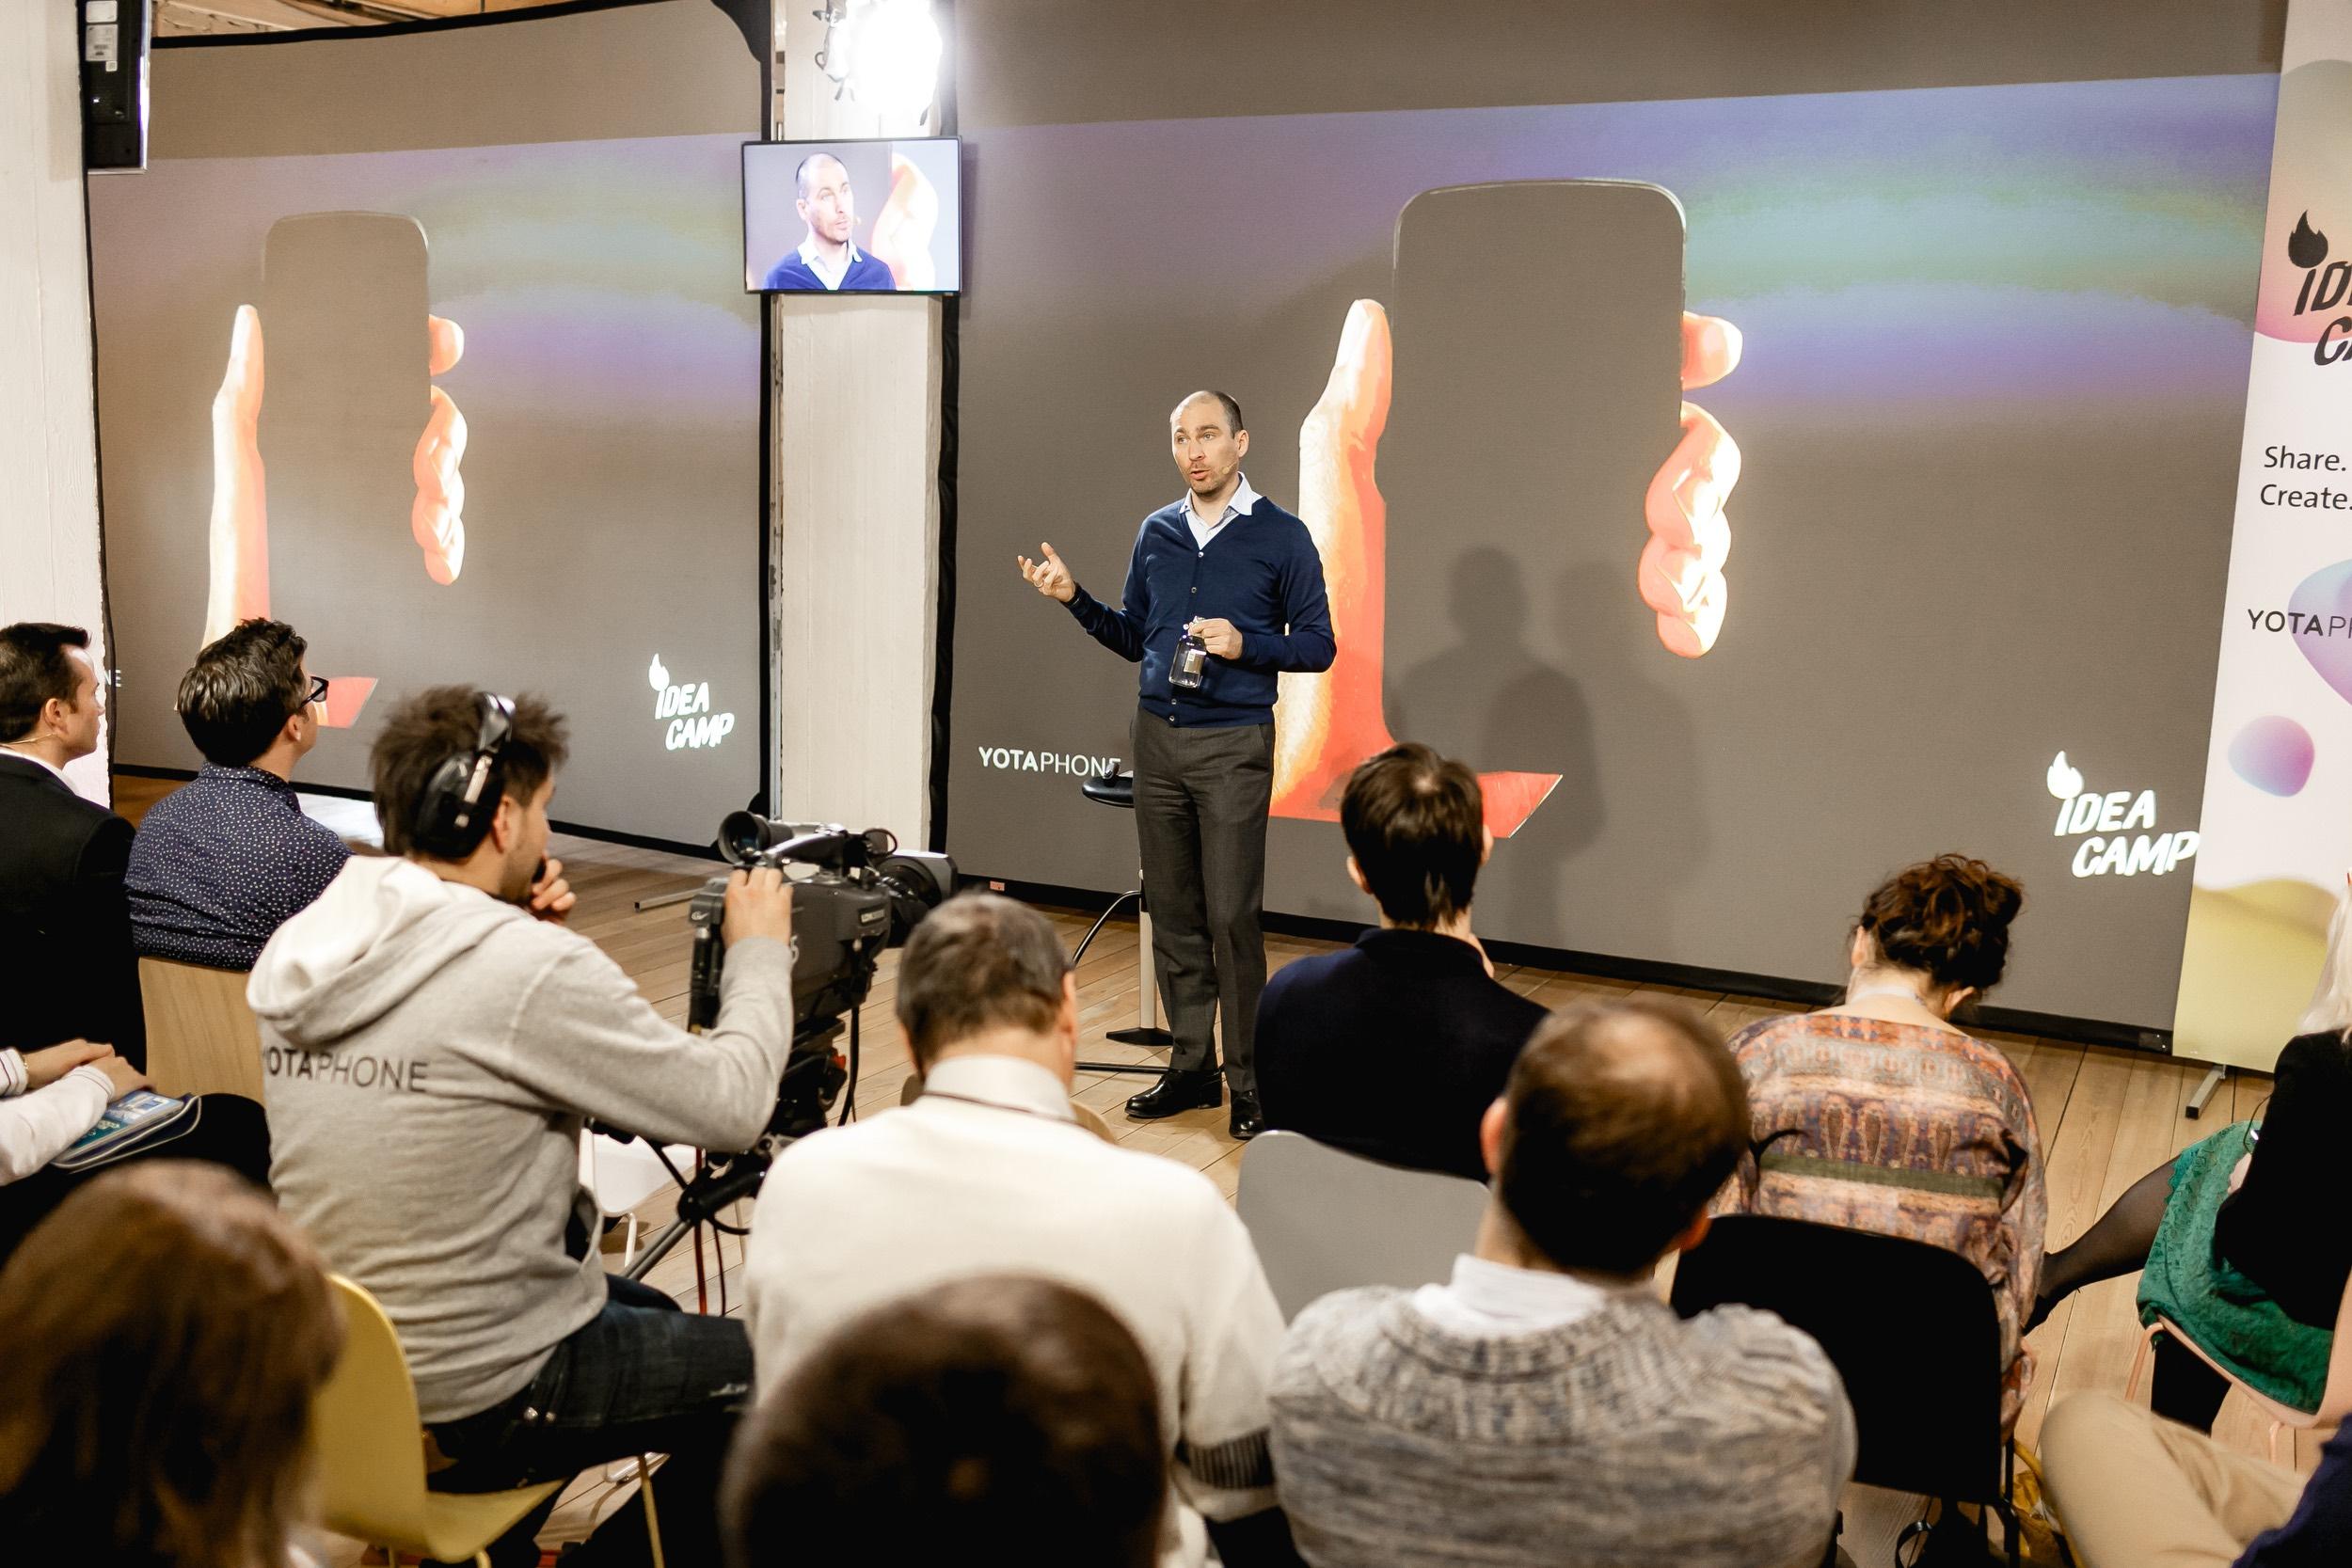 4_yota_yotaphone_event_мероприятие_презентация_брендинг_москва_гараж_абрамович